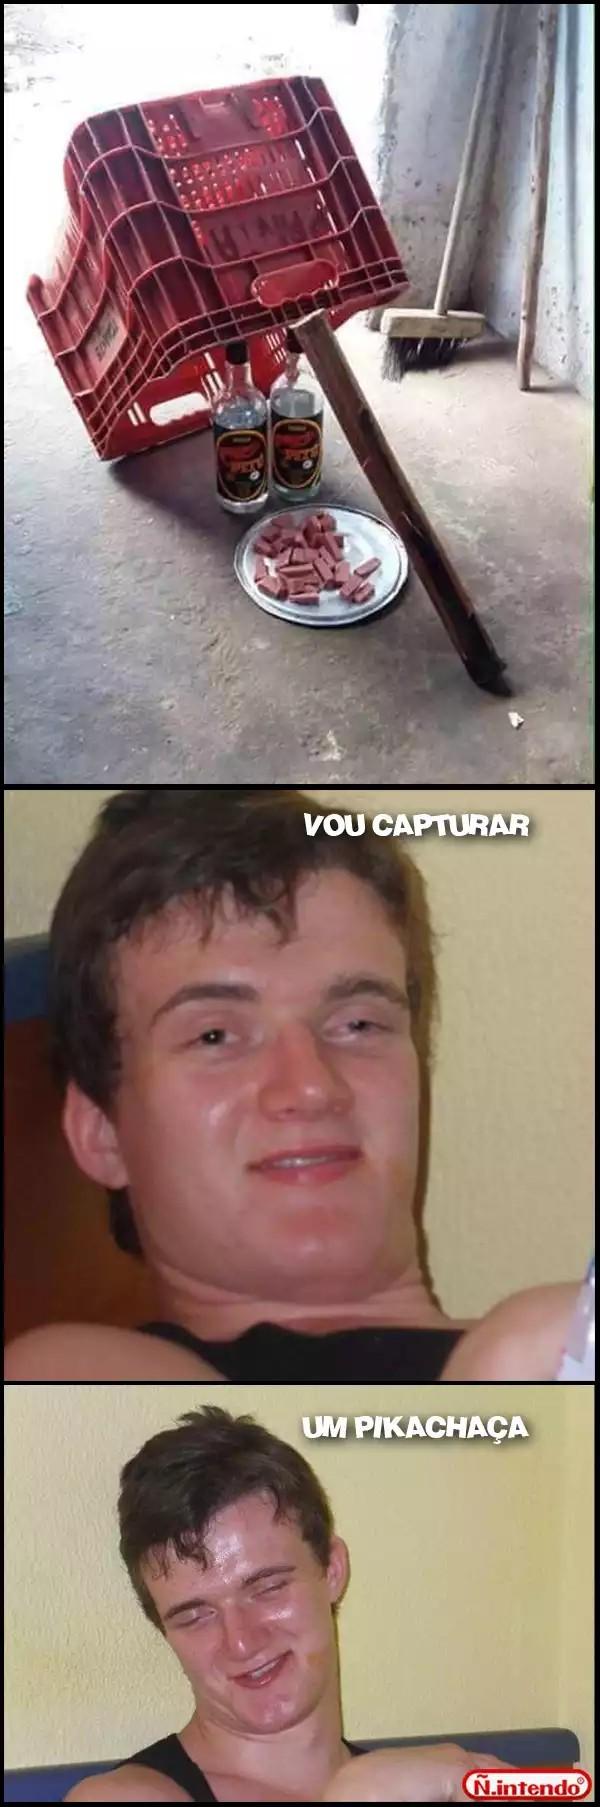 Pokemon GO aqui no Brasil. - meme